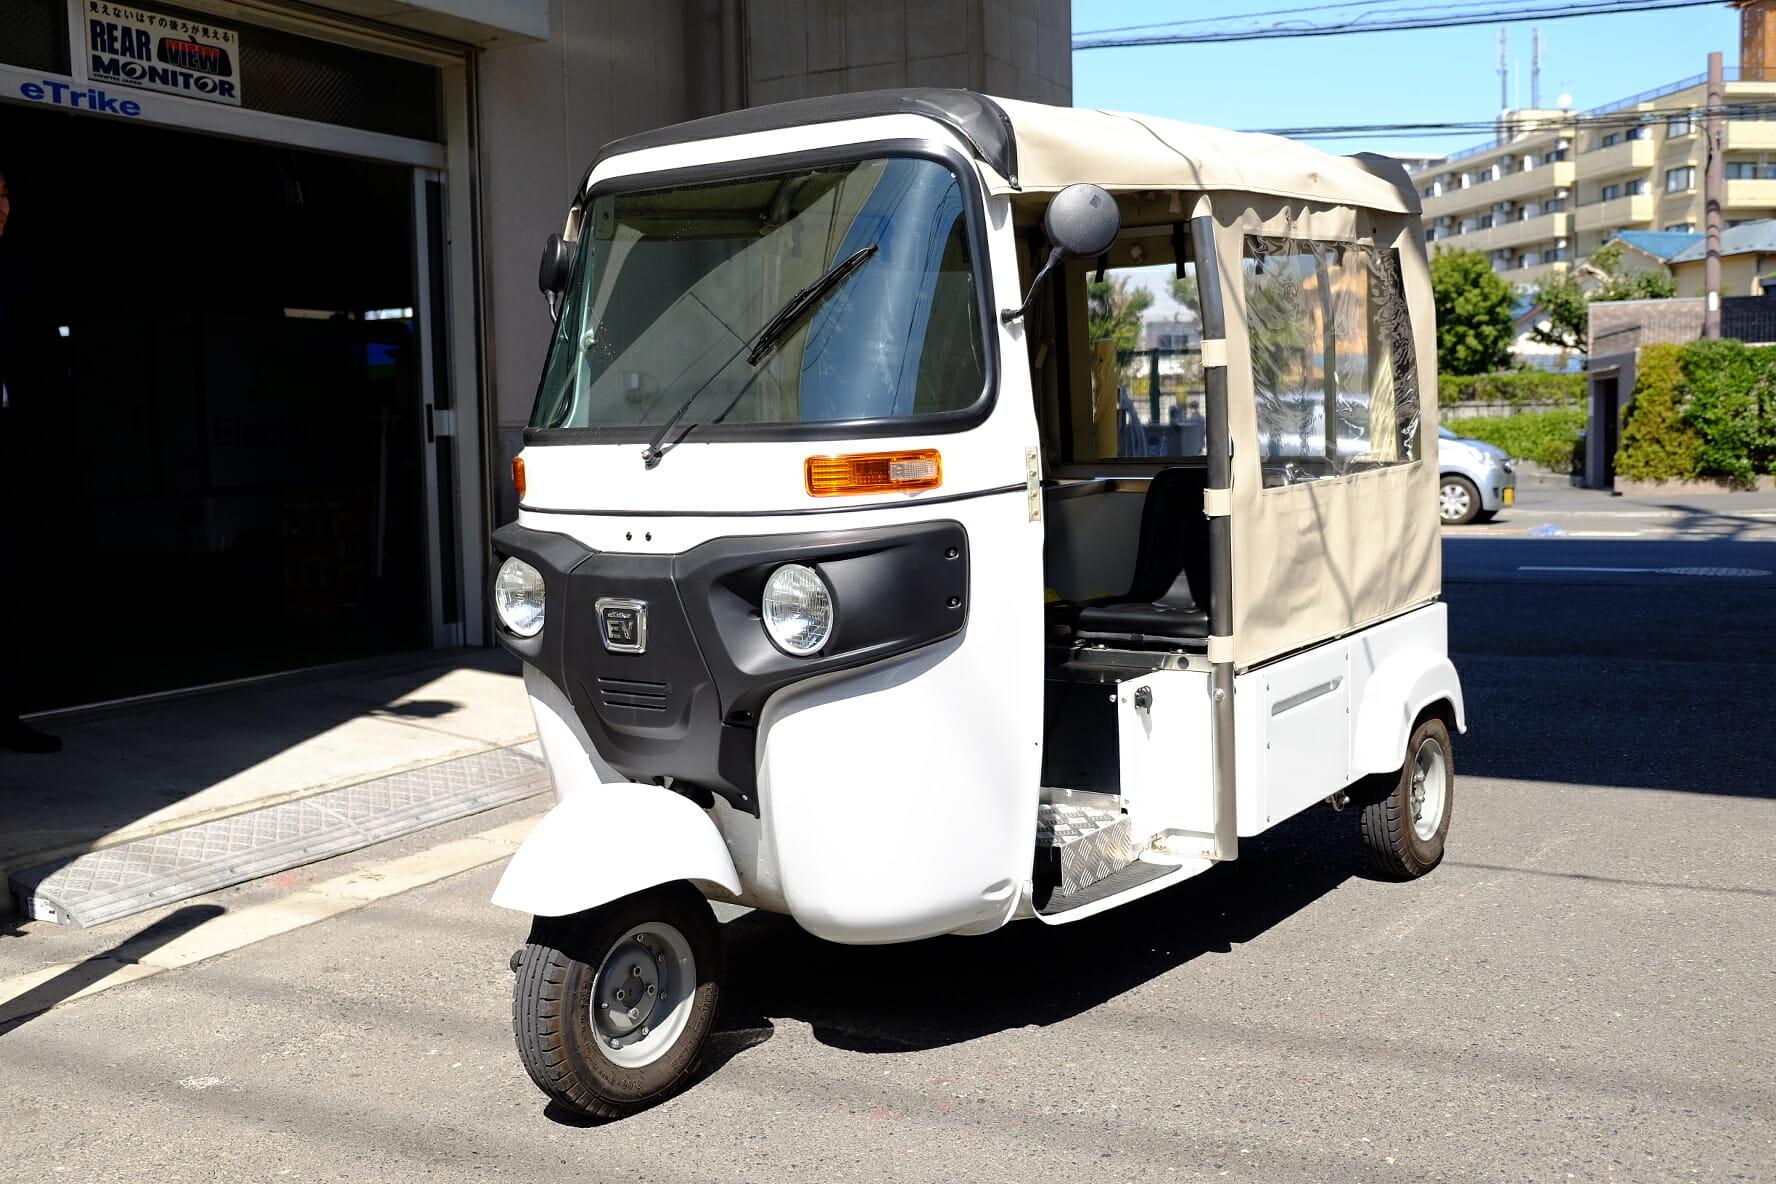 日本エレクトライクの電動三輪自動車。インドのオートリキシャのシャシーを同社で電動化したもの。150万円ほどで購入できる。移動販売車として購入する例もある。書店が販売車として使い、普段は店内に展示している例もある。